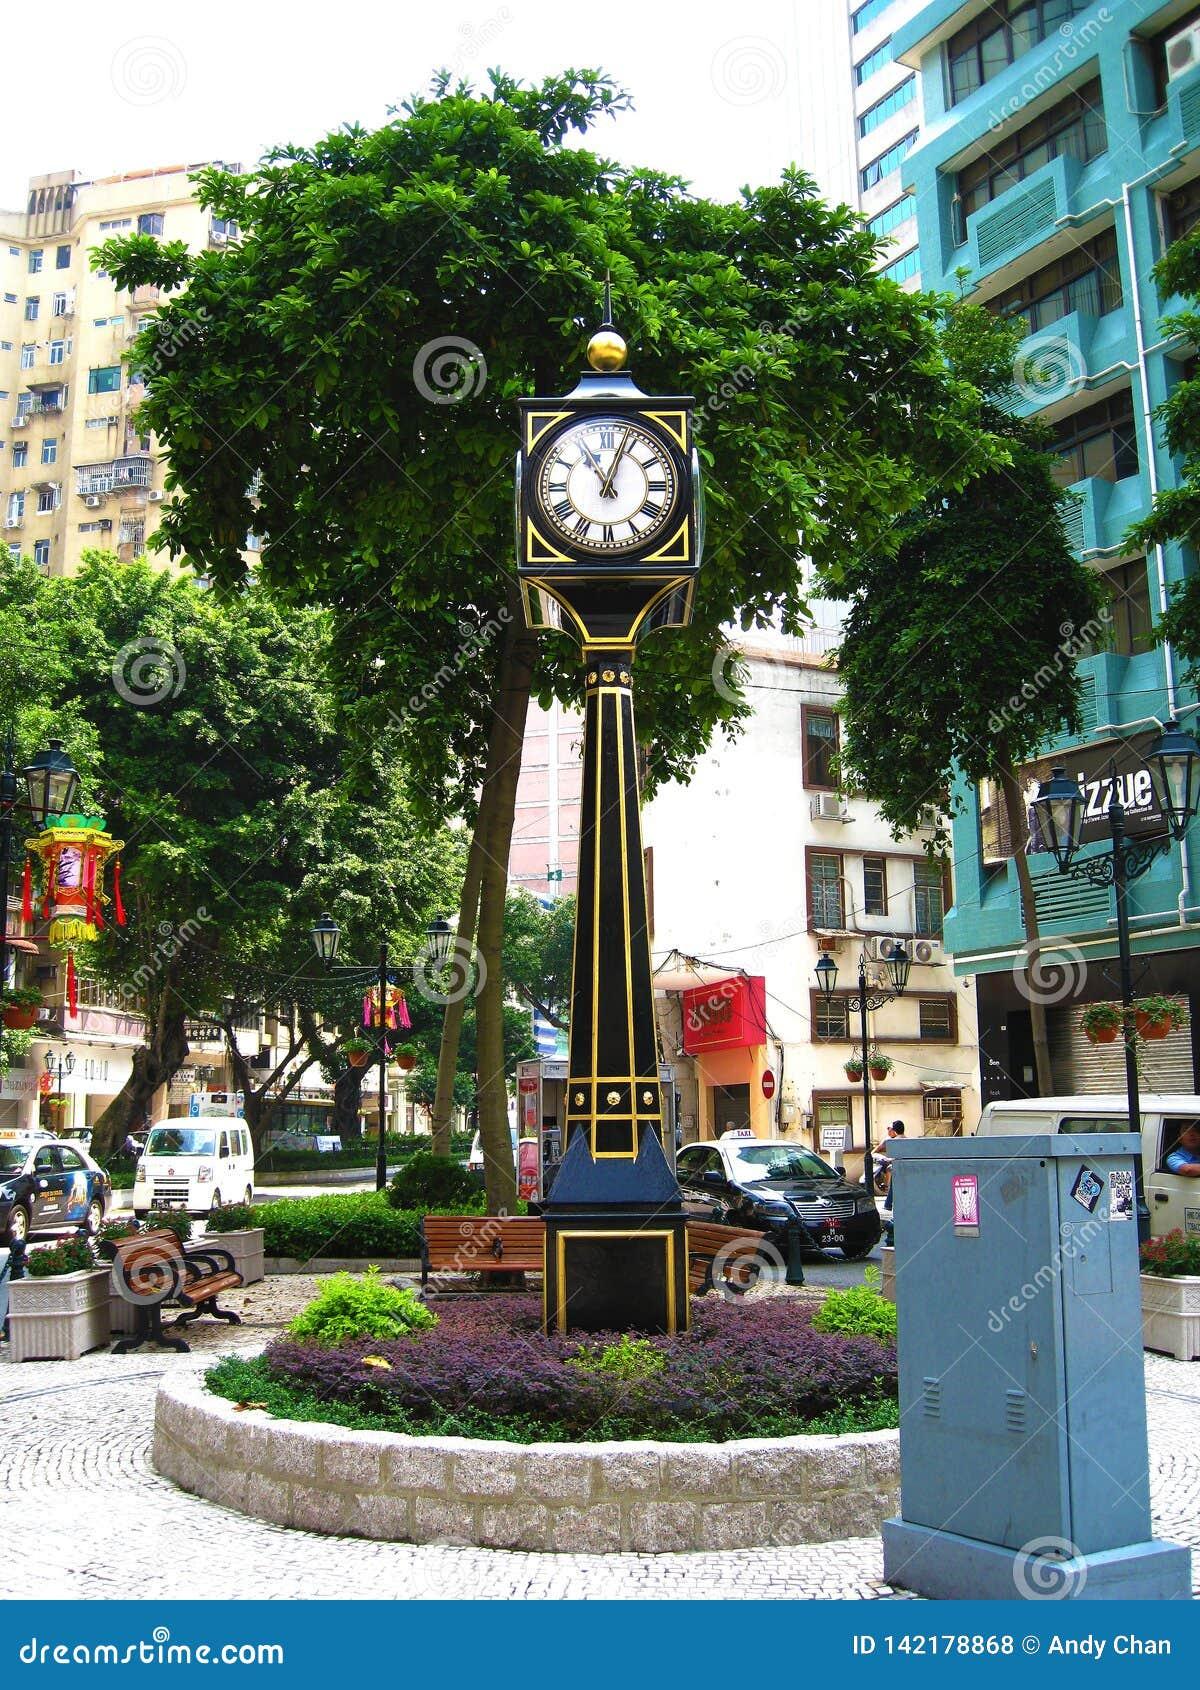 一个高和微小的黑西部大座钟在显示时间的市中心对公众